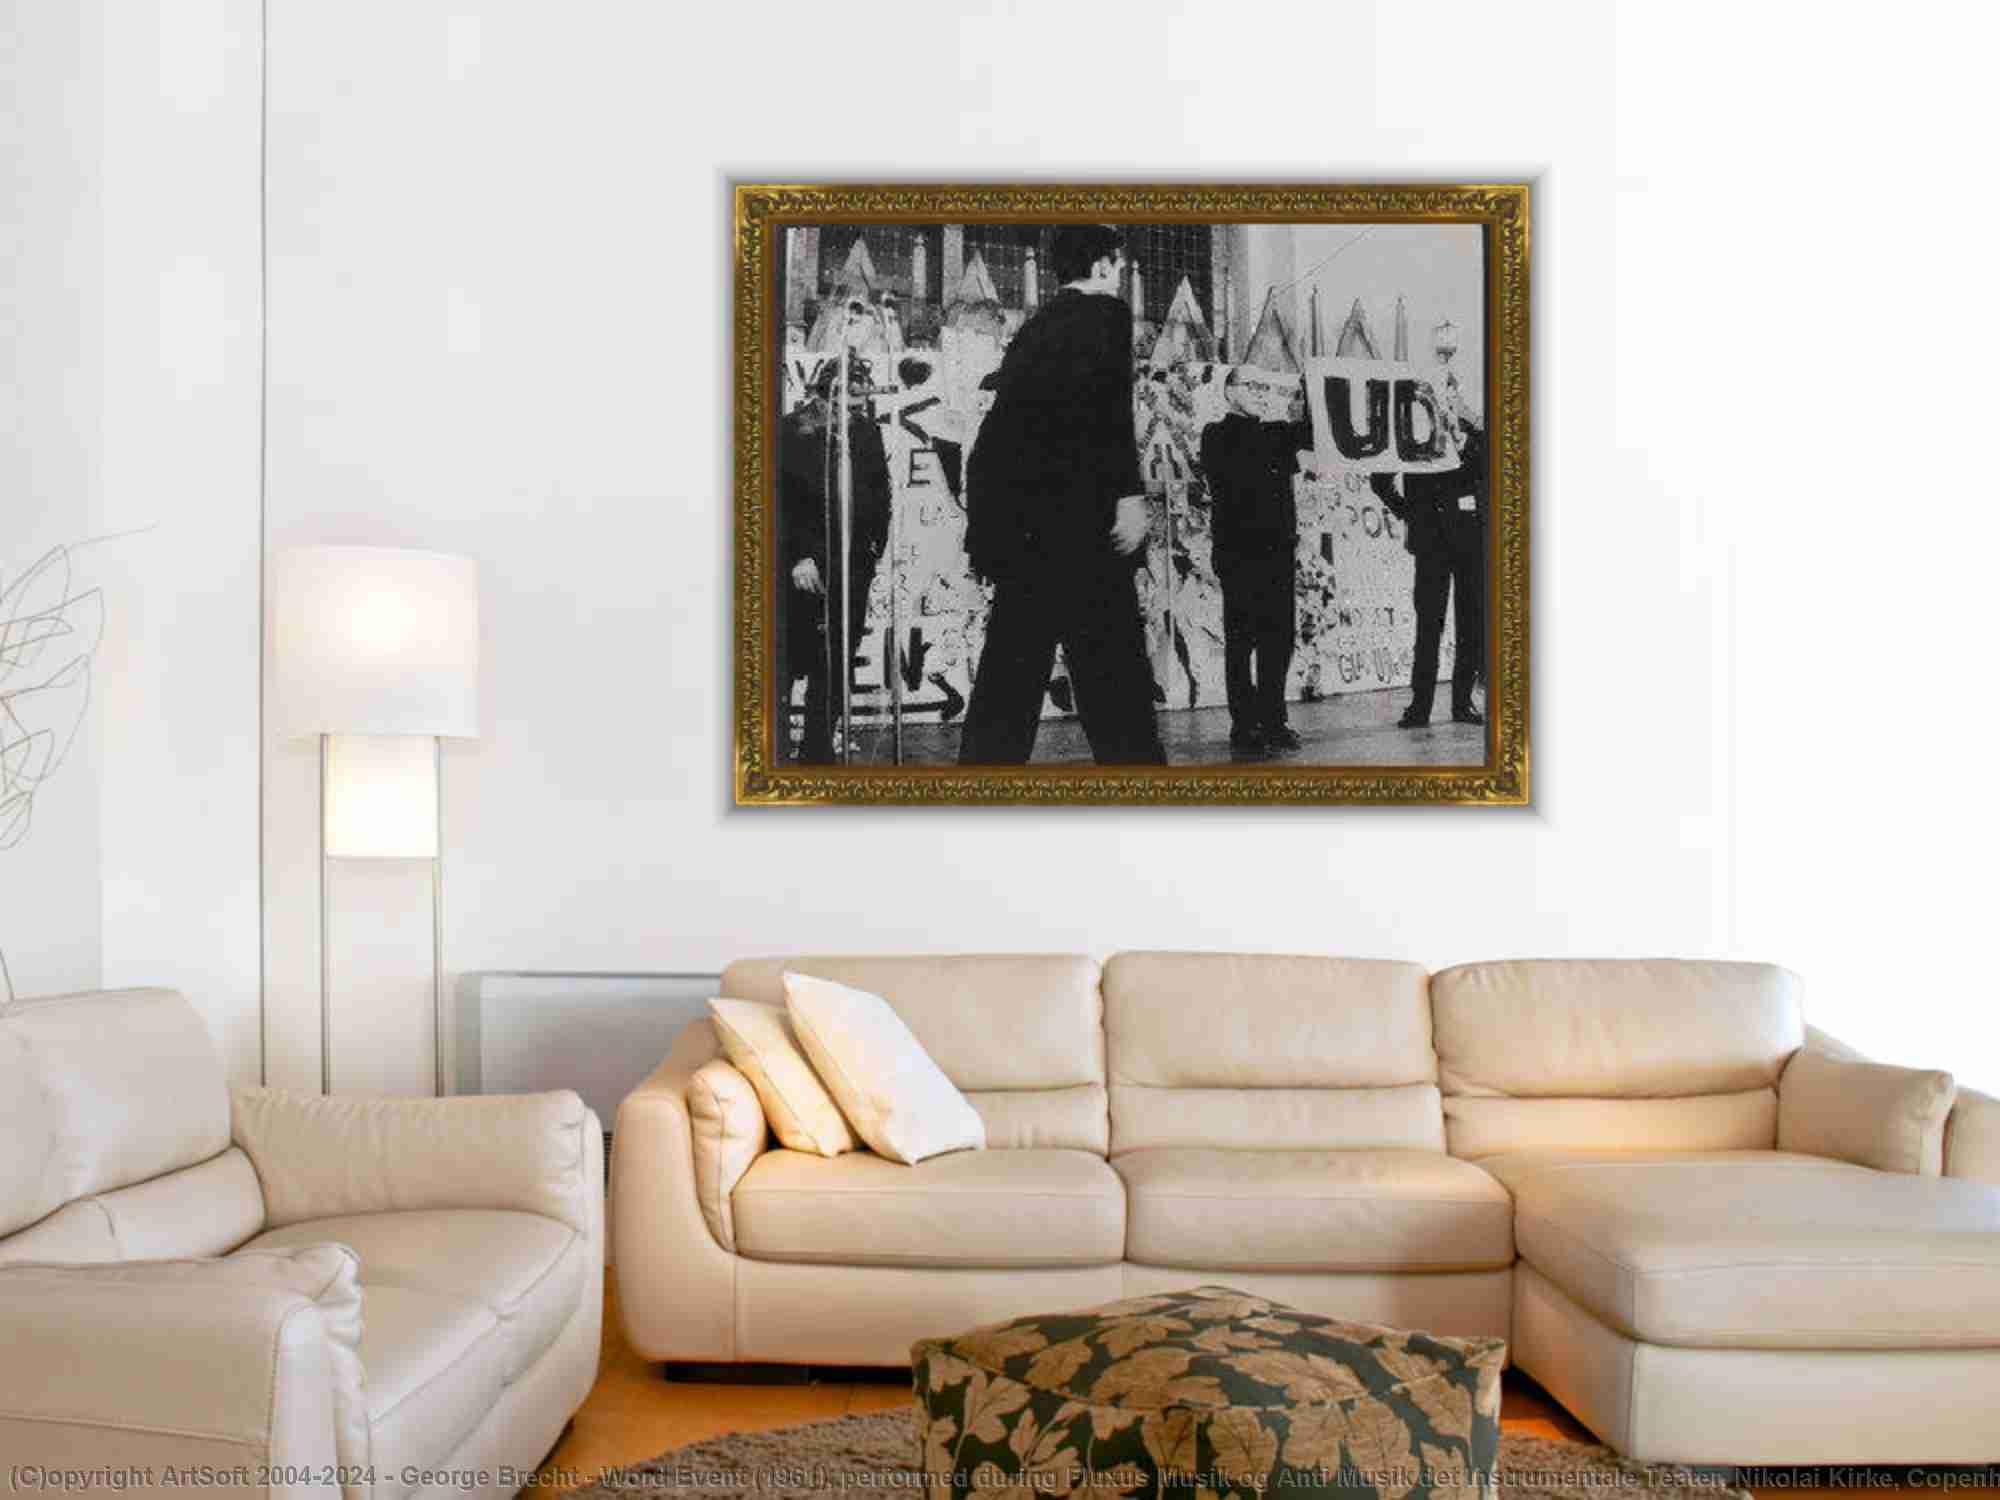 George Brecht - Datenwort Ereignis ( 1961 ) , aufgeführt während fluxus musik und anti musik det instrumentale teater , nikolai kirke , Kopenhagen , November 23 , 1962